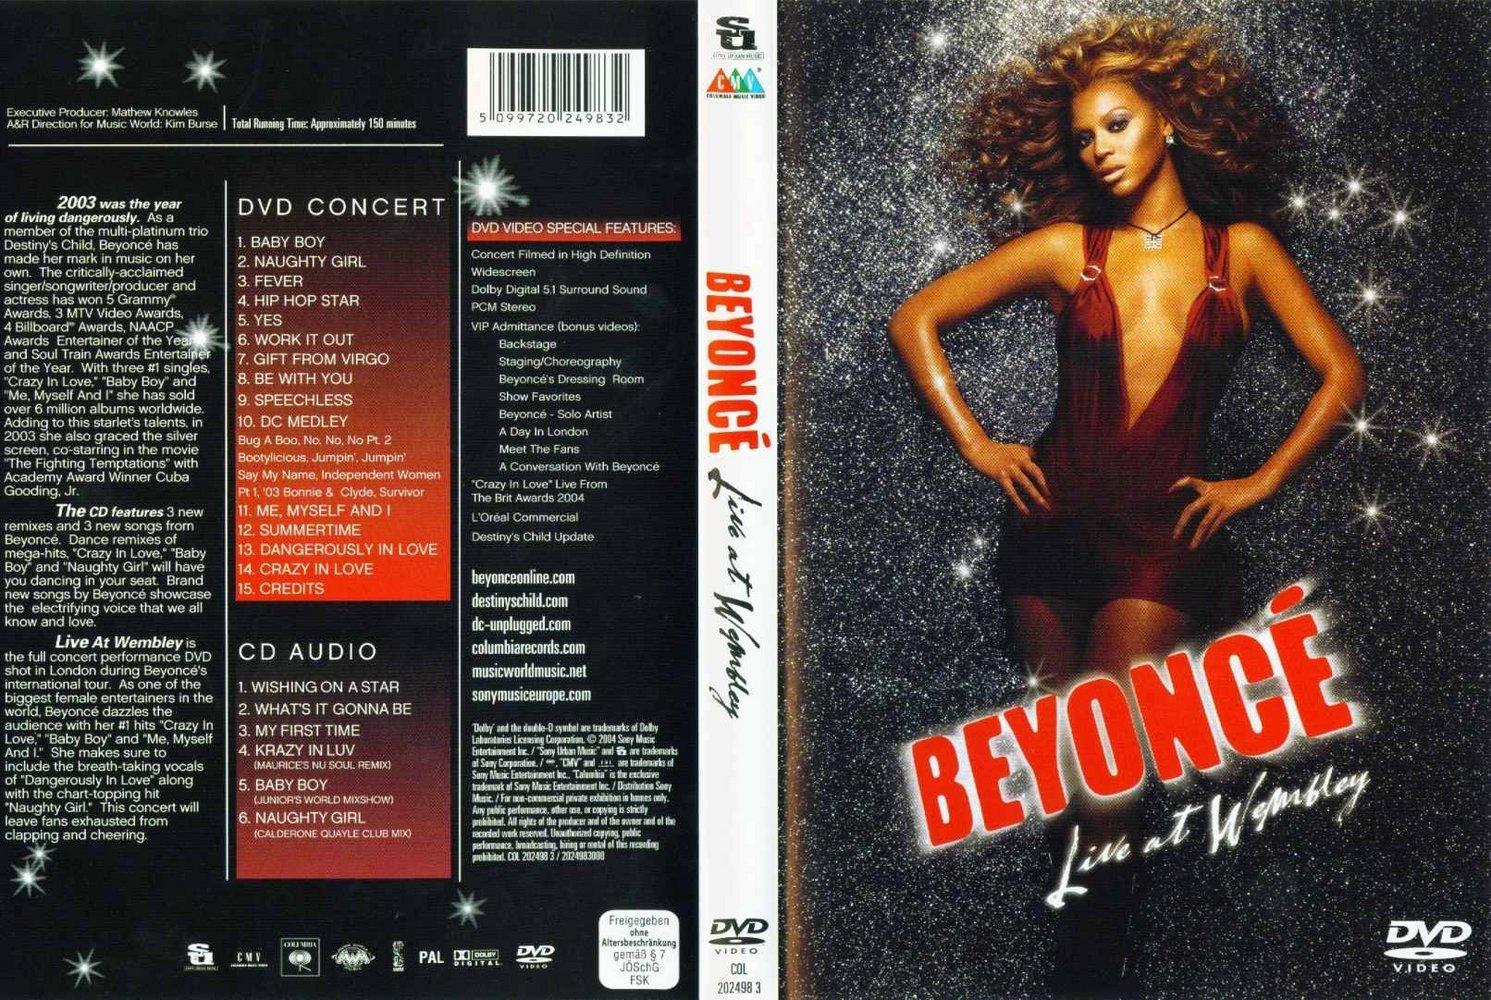 http://4.bp.blogspot.com/-lVjFWjHq_7M/TWM5uXqZ6RI/AAAAAAAABcg/8Z-tcY2CU-8/s1600/Beyonce%2BLive%2BAt%2BWembley.jpg